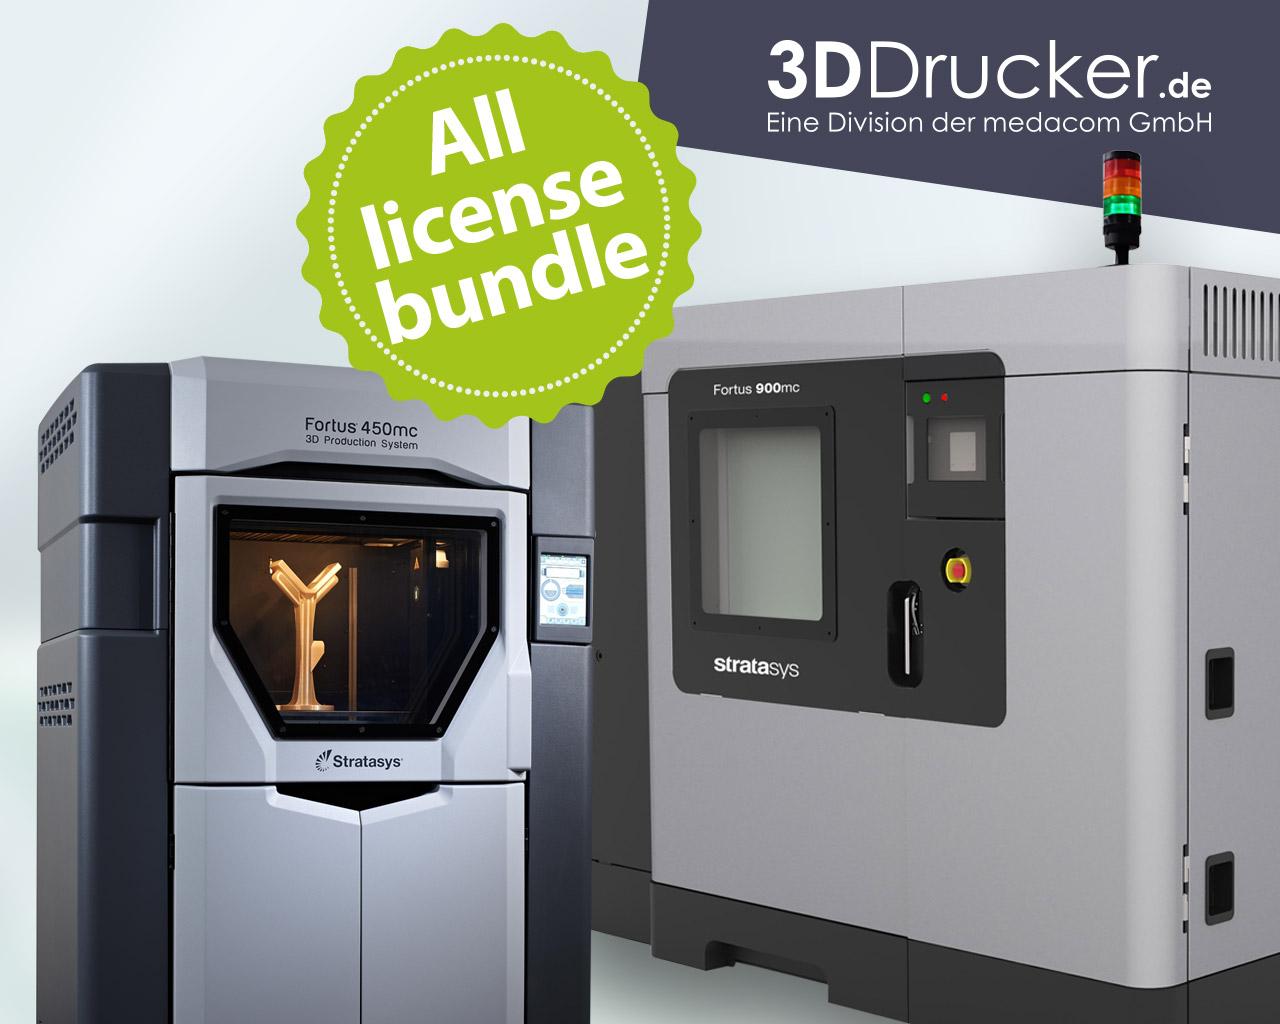 3D Druck Angebot   All license bundle